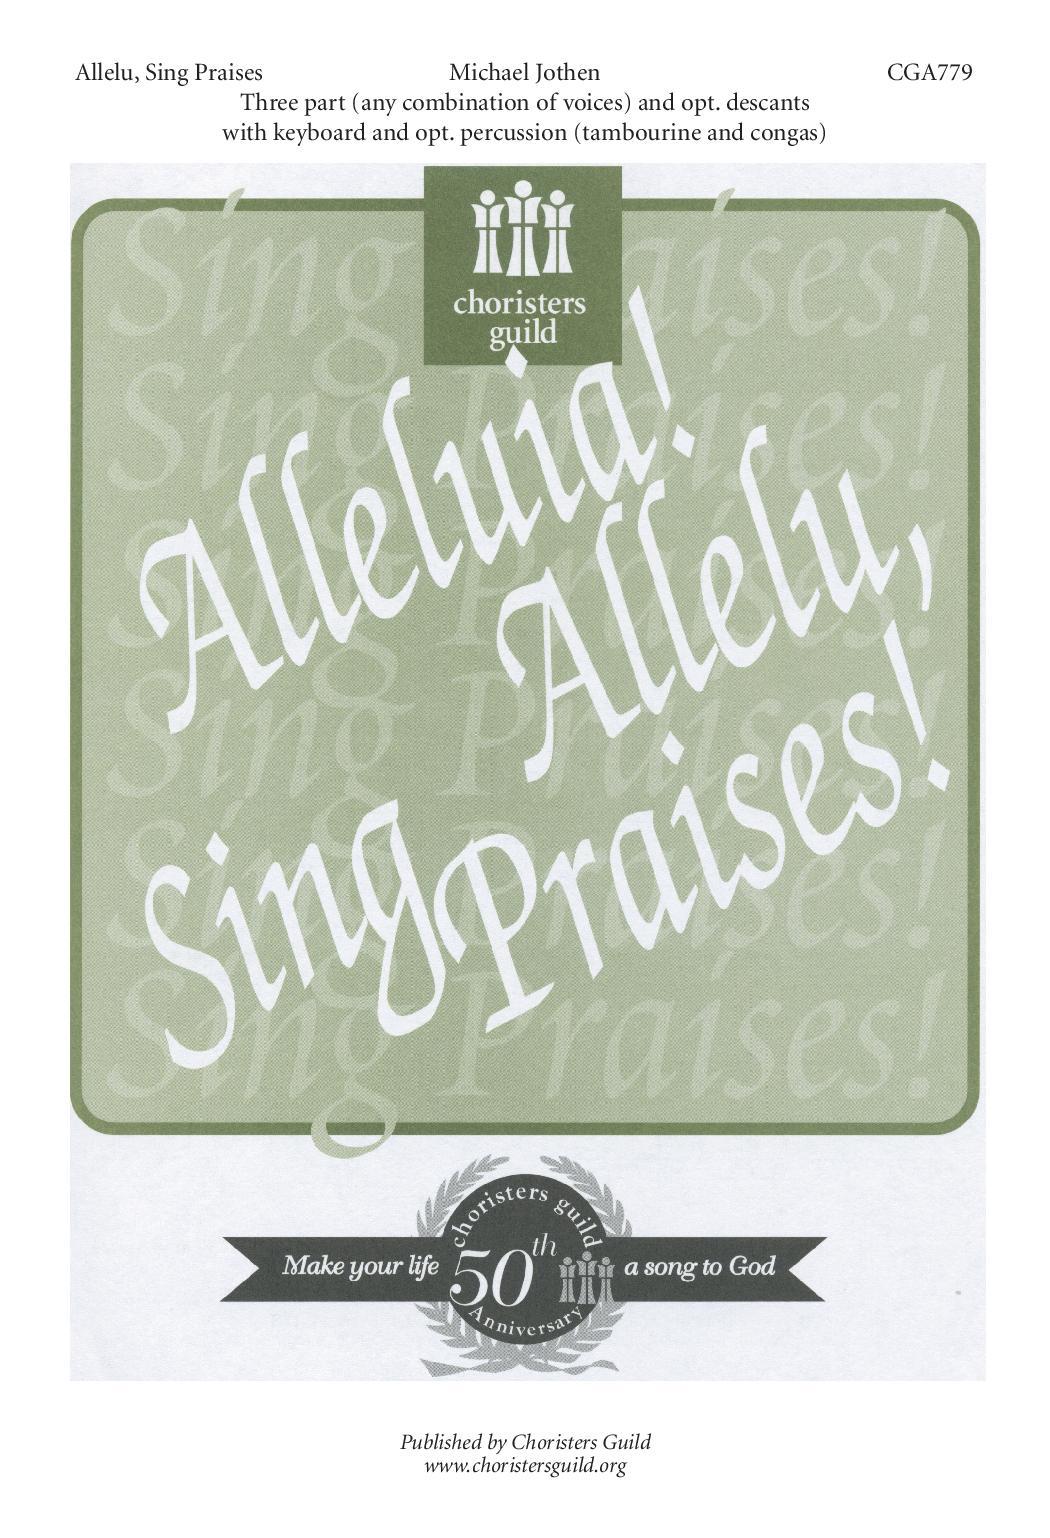 Allelu, Sing Praises